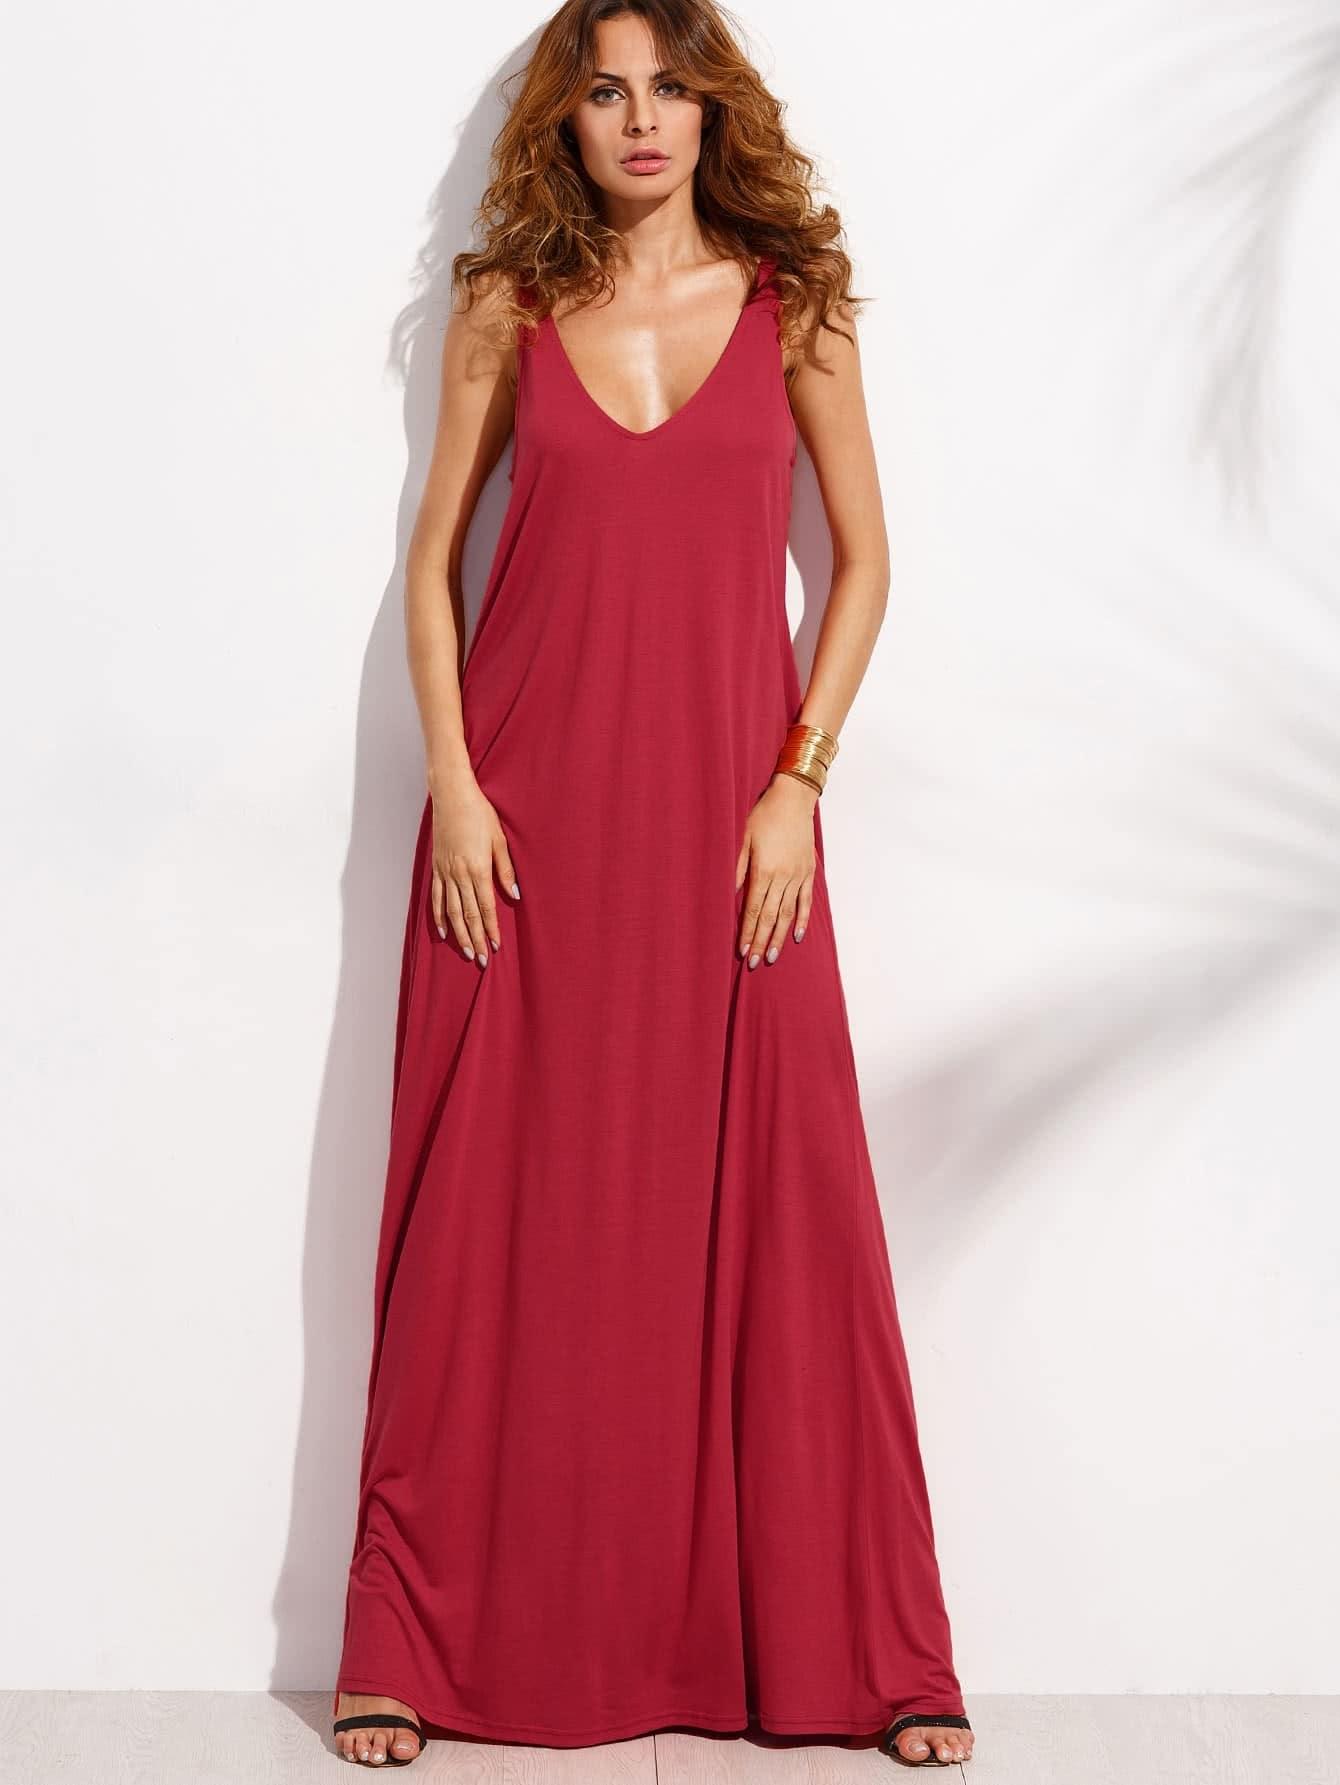 Double V Neck Jersey Tent Dress dress170525453